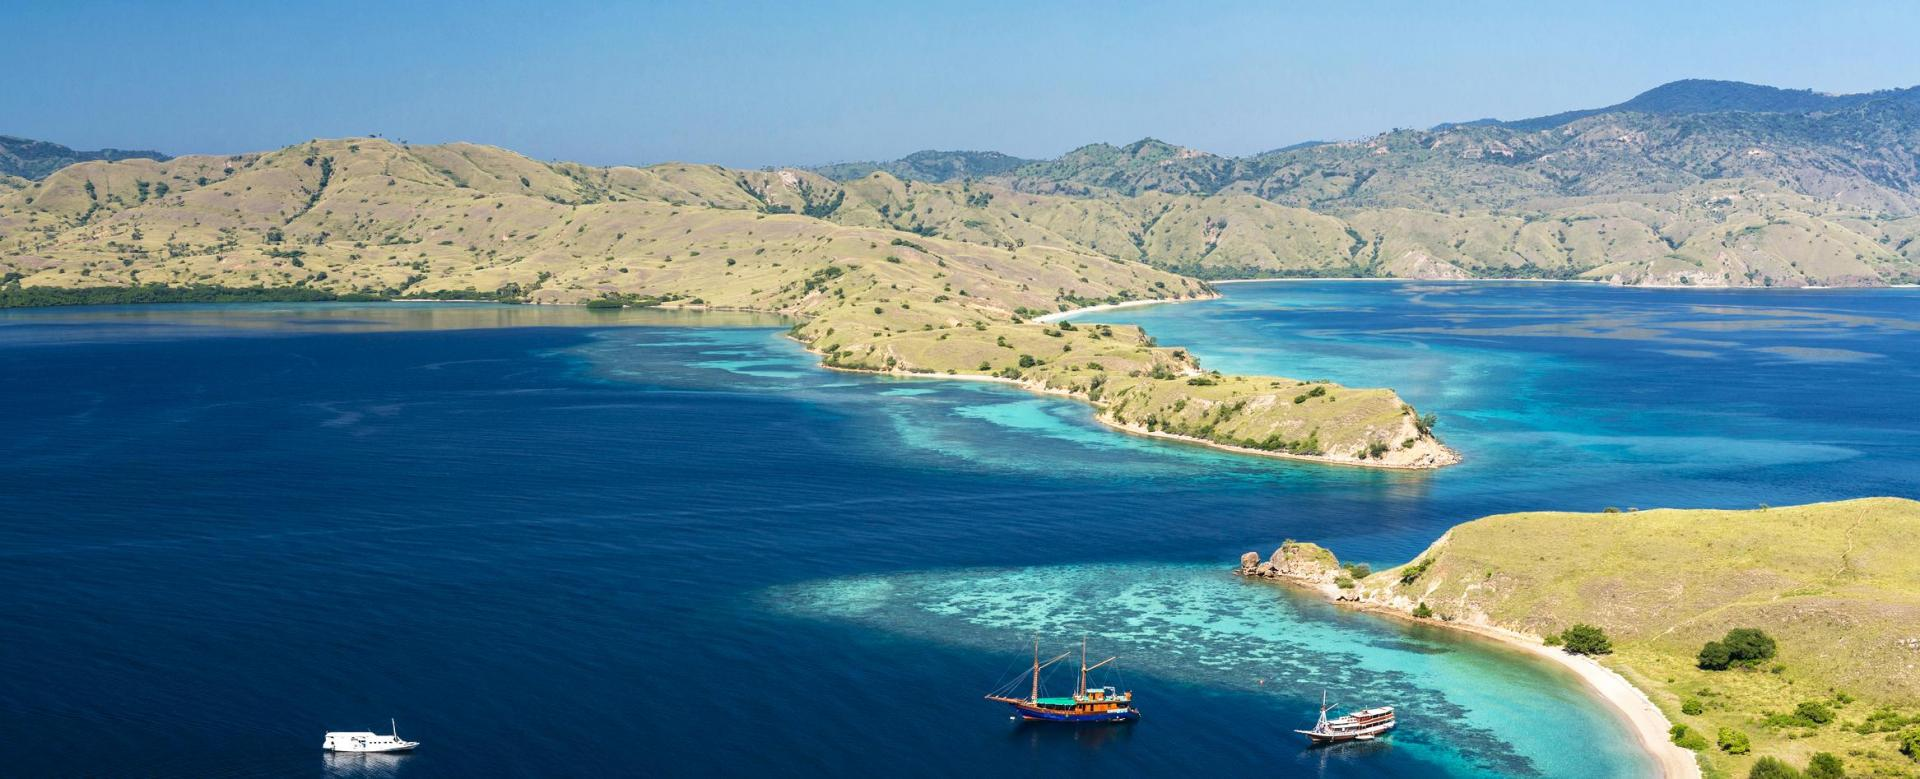 Voyage à pied : Escapade dans les petites îles de la sonde